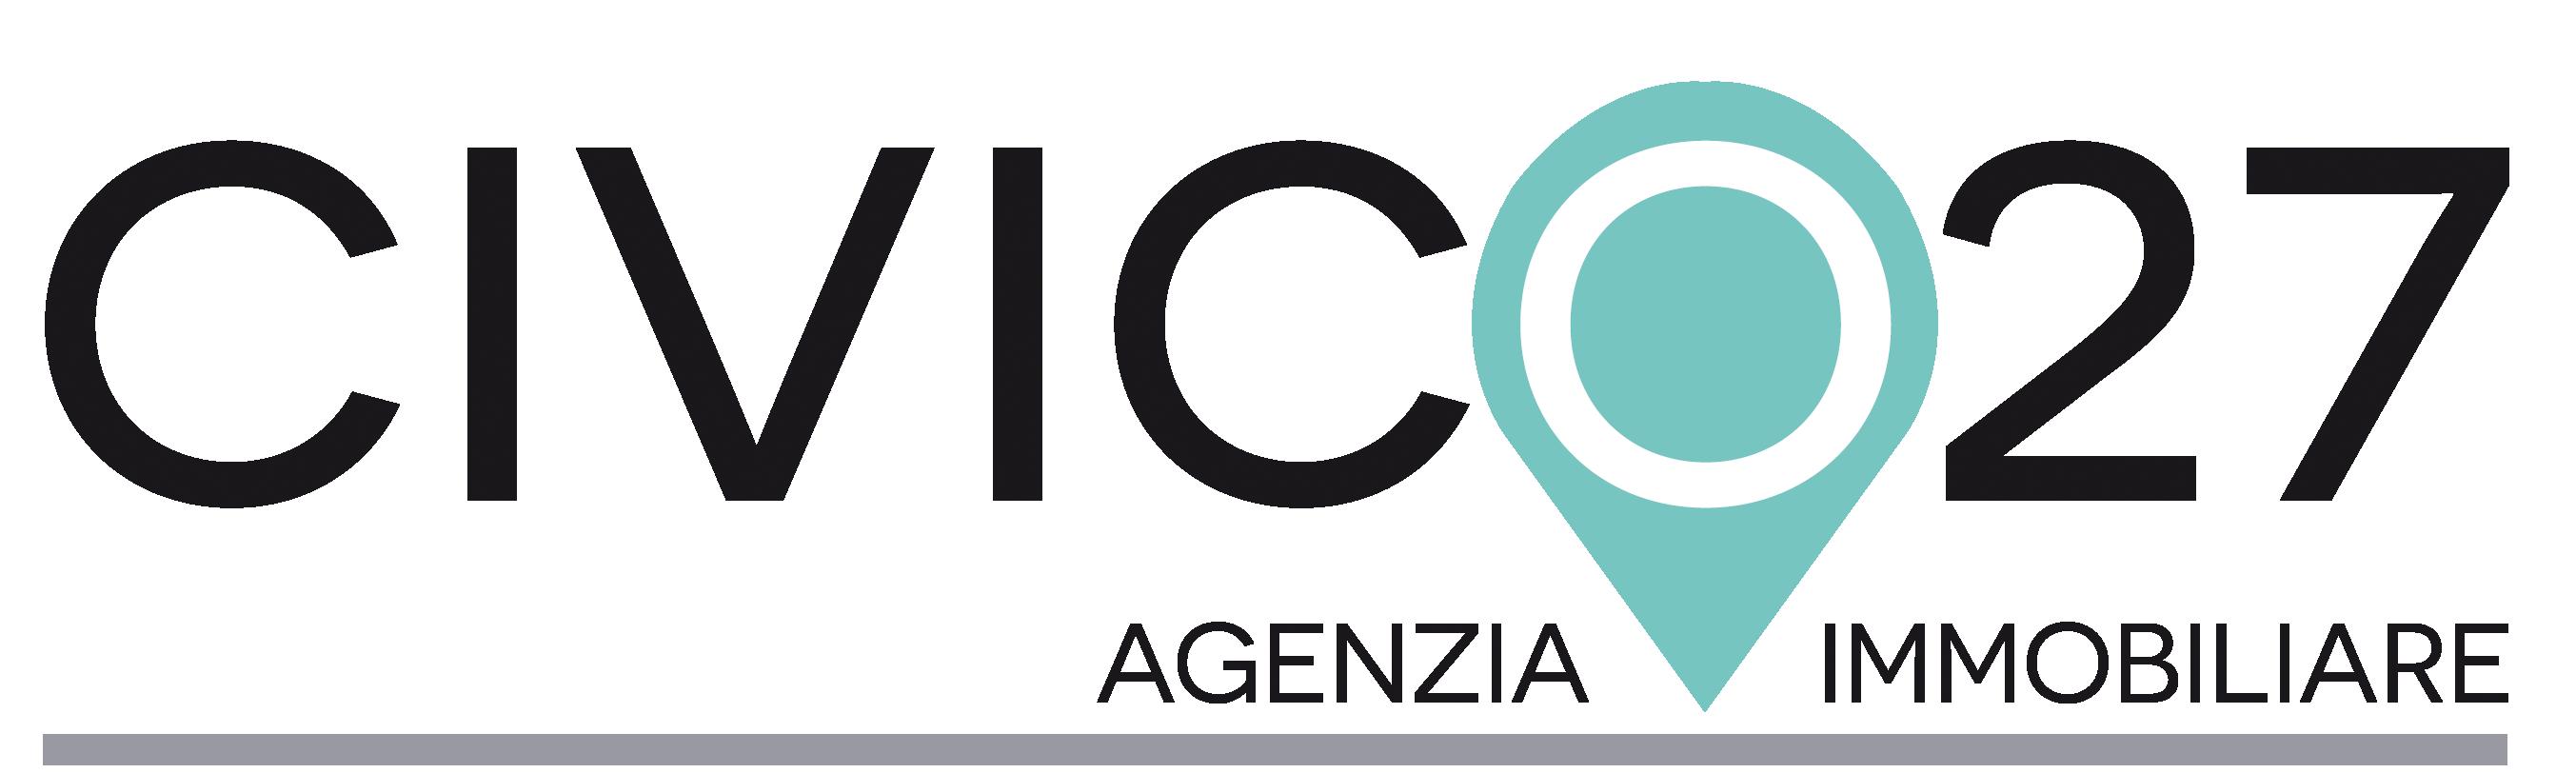 logo Civico27 Agenzia Immobiliare